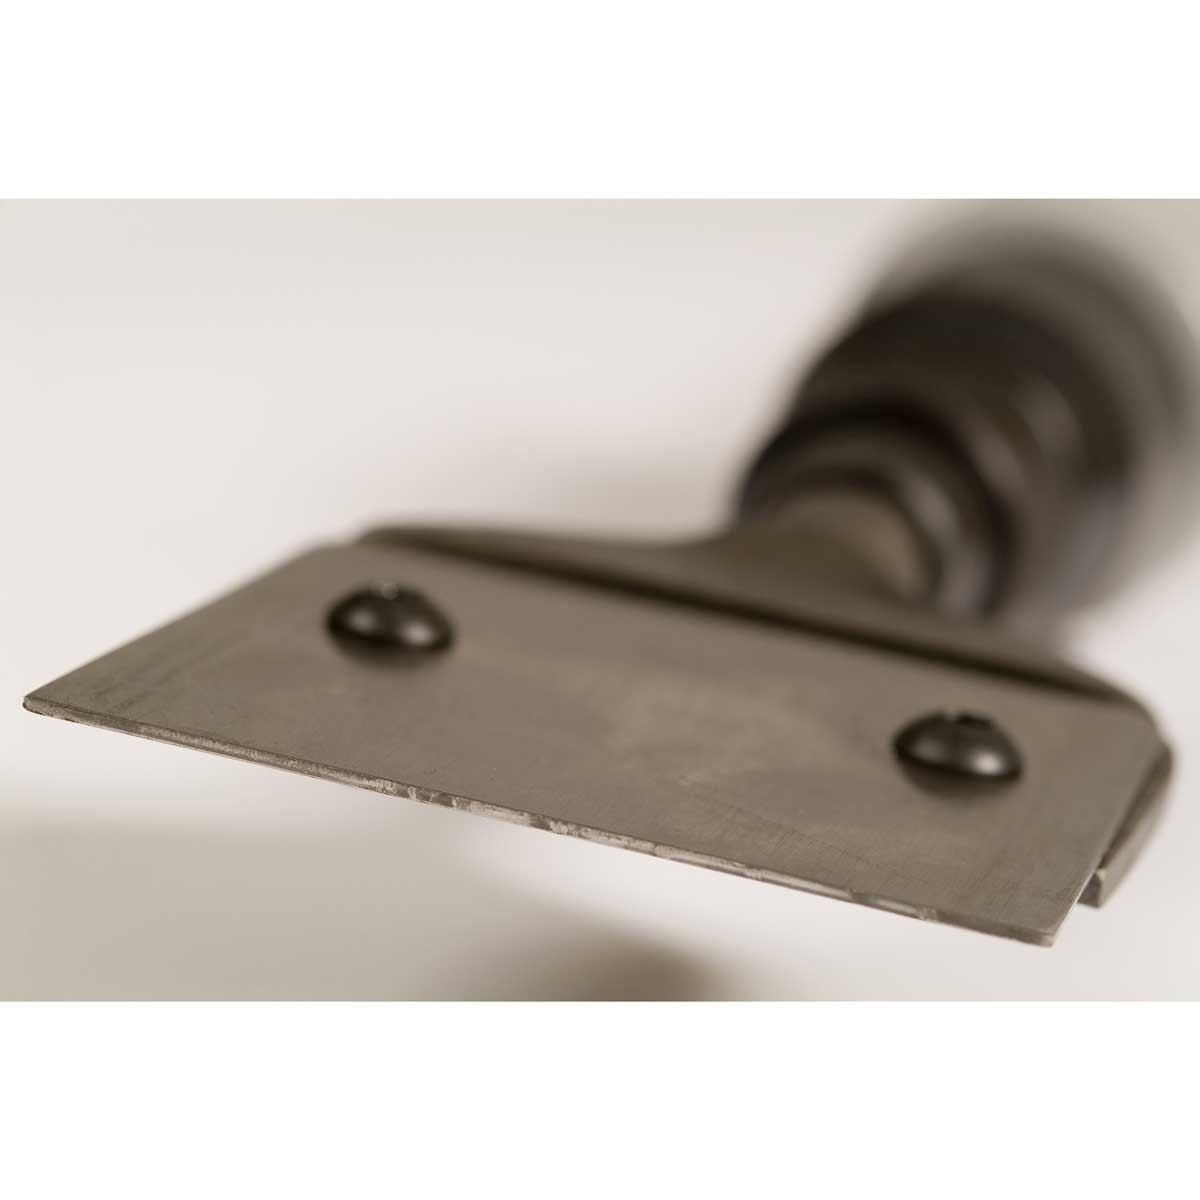 Trelawny Scraper Blade mounted